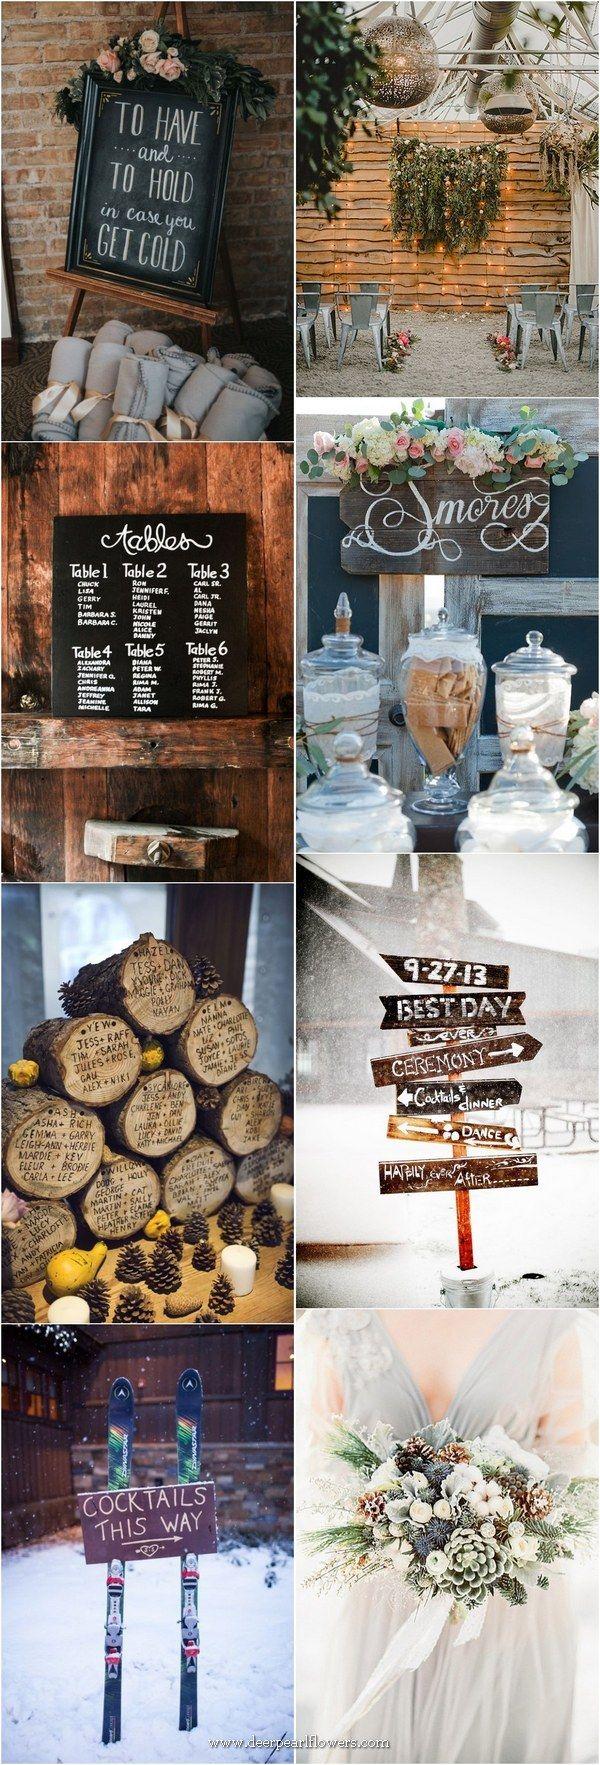 Winterhochzeitsideen – #winterwedding #winter #weddingideas www.deerpearlflow …   – Winter Weddings